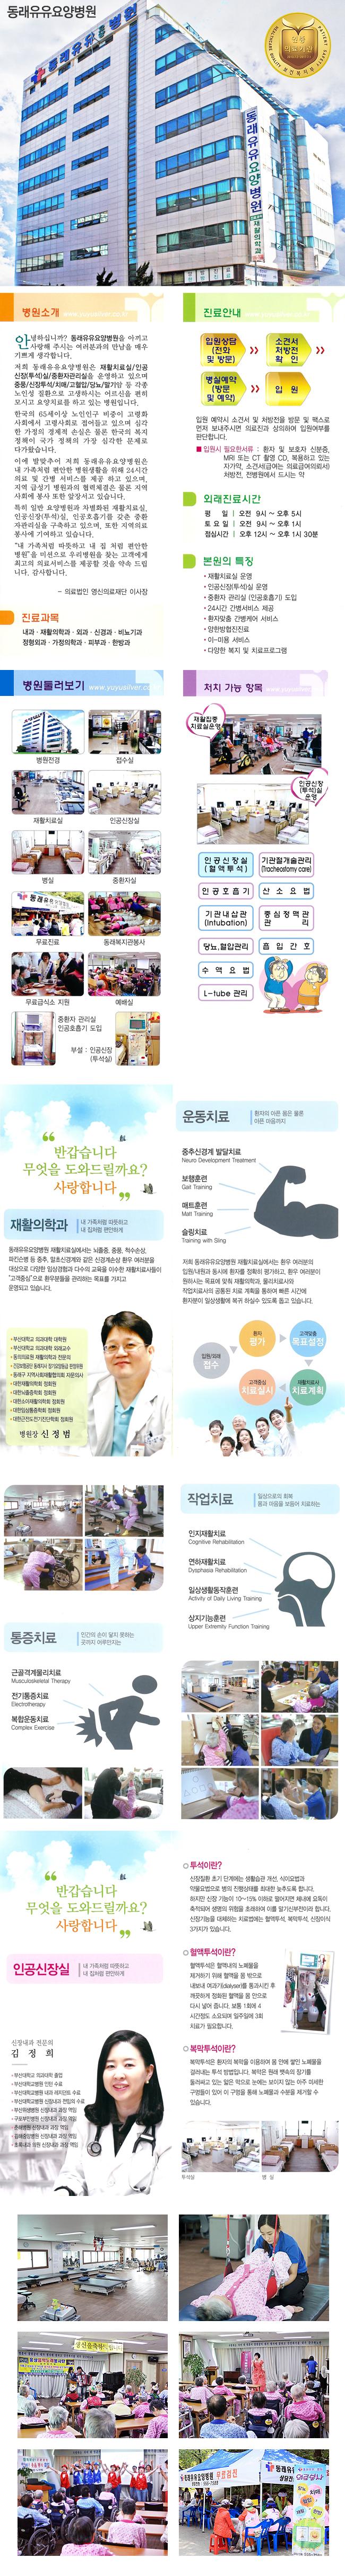 동래유유요양병원.jpg